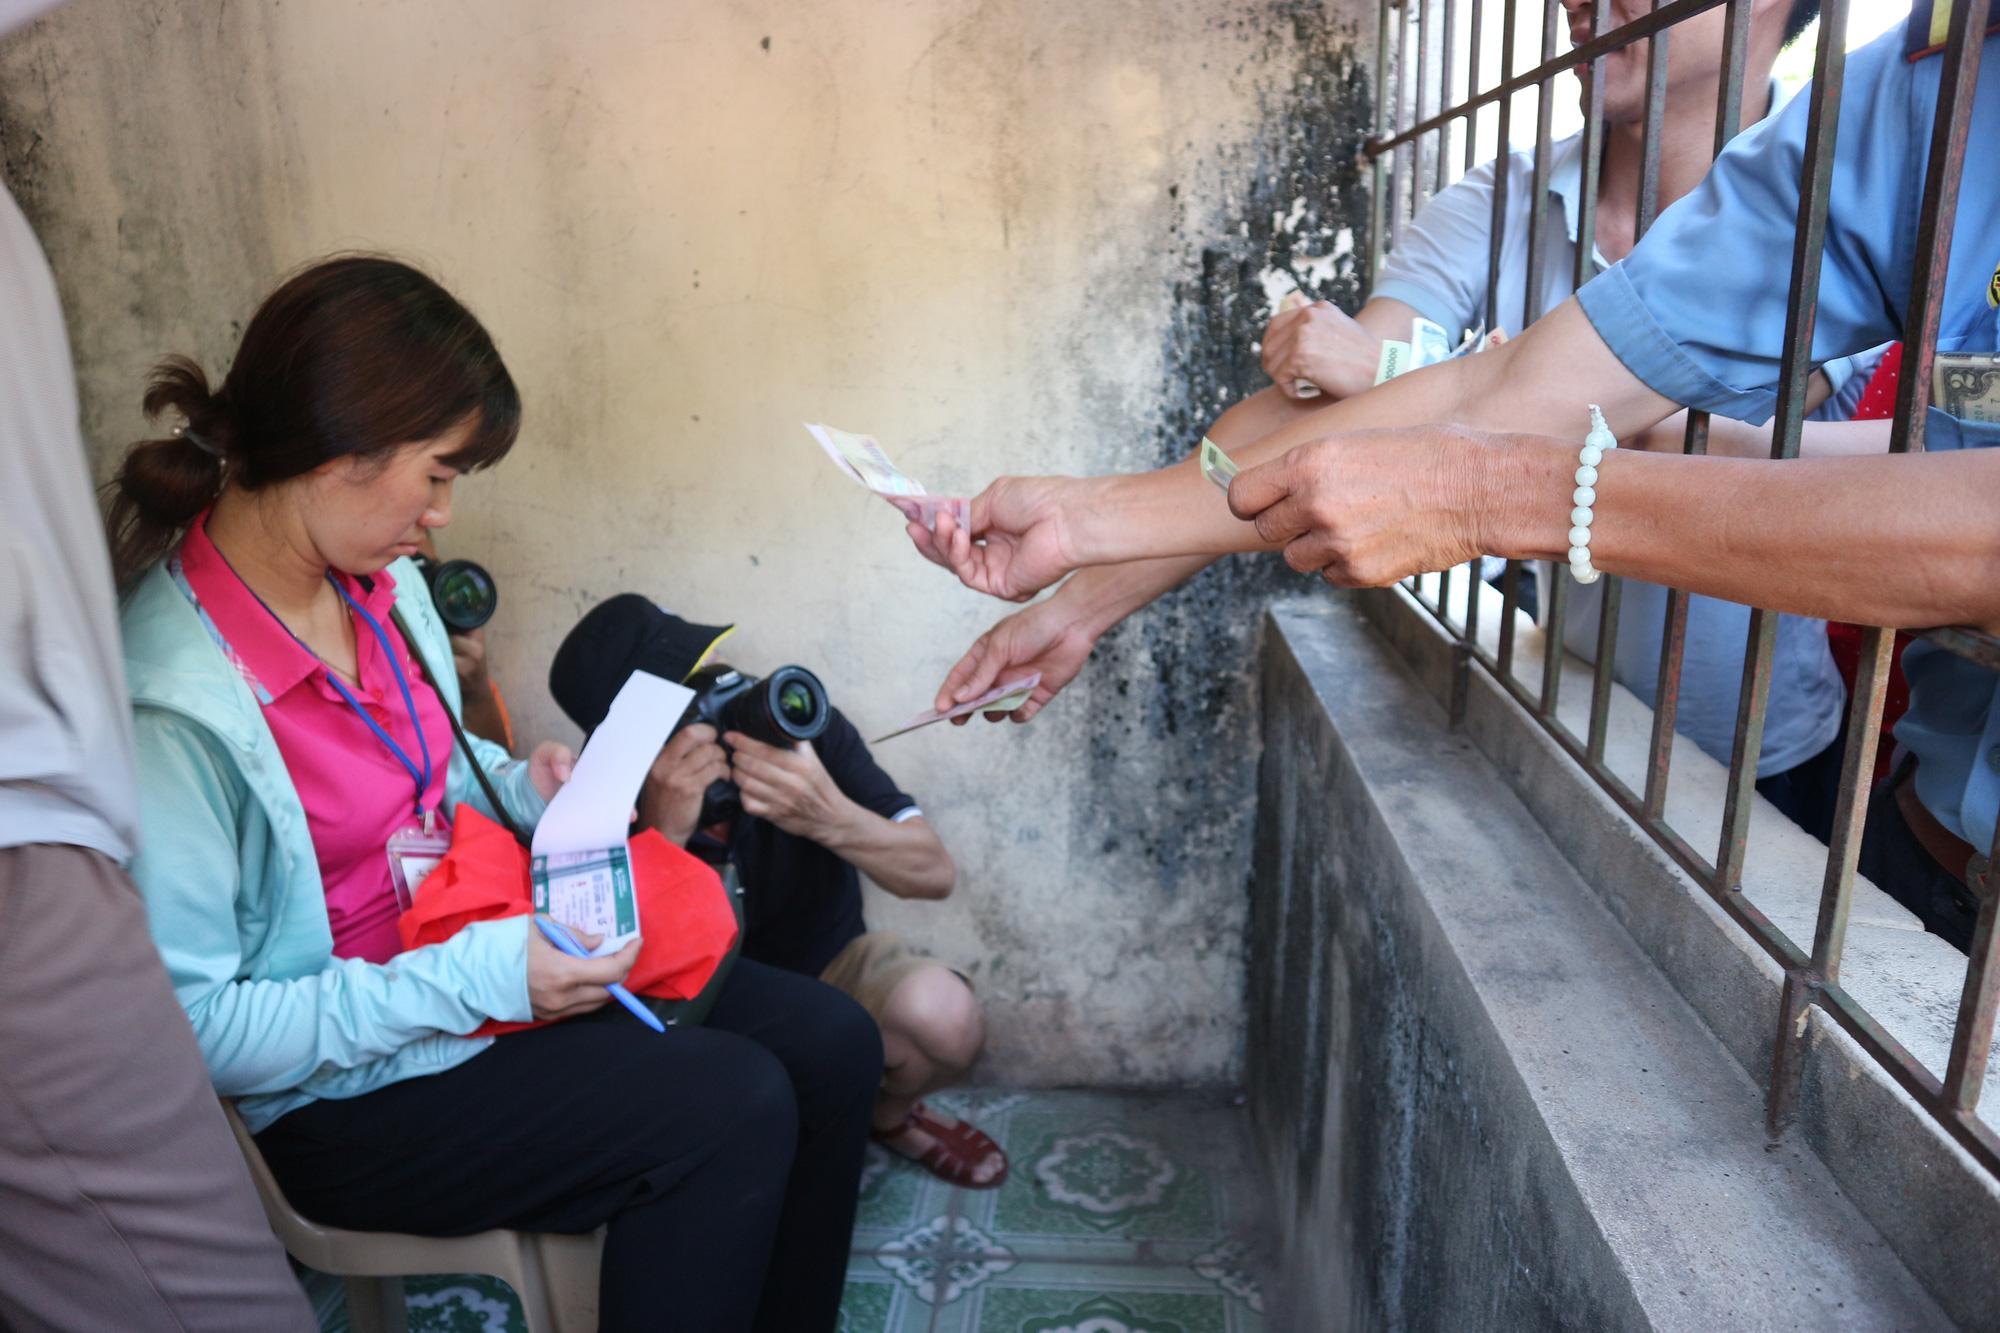 Hàng ngàn cổ động viên xứ Nghệ chen chân mua vé vào sân Vinh - Ảnh 4.